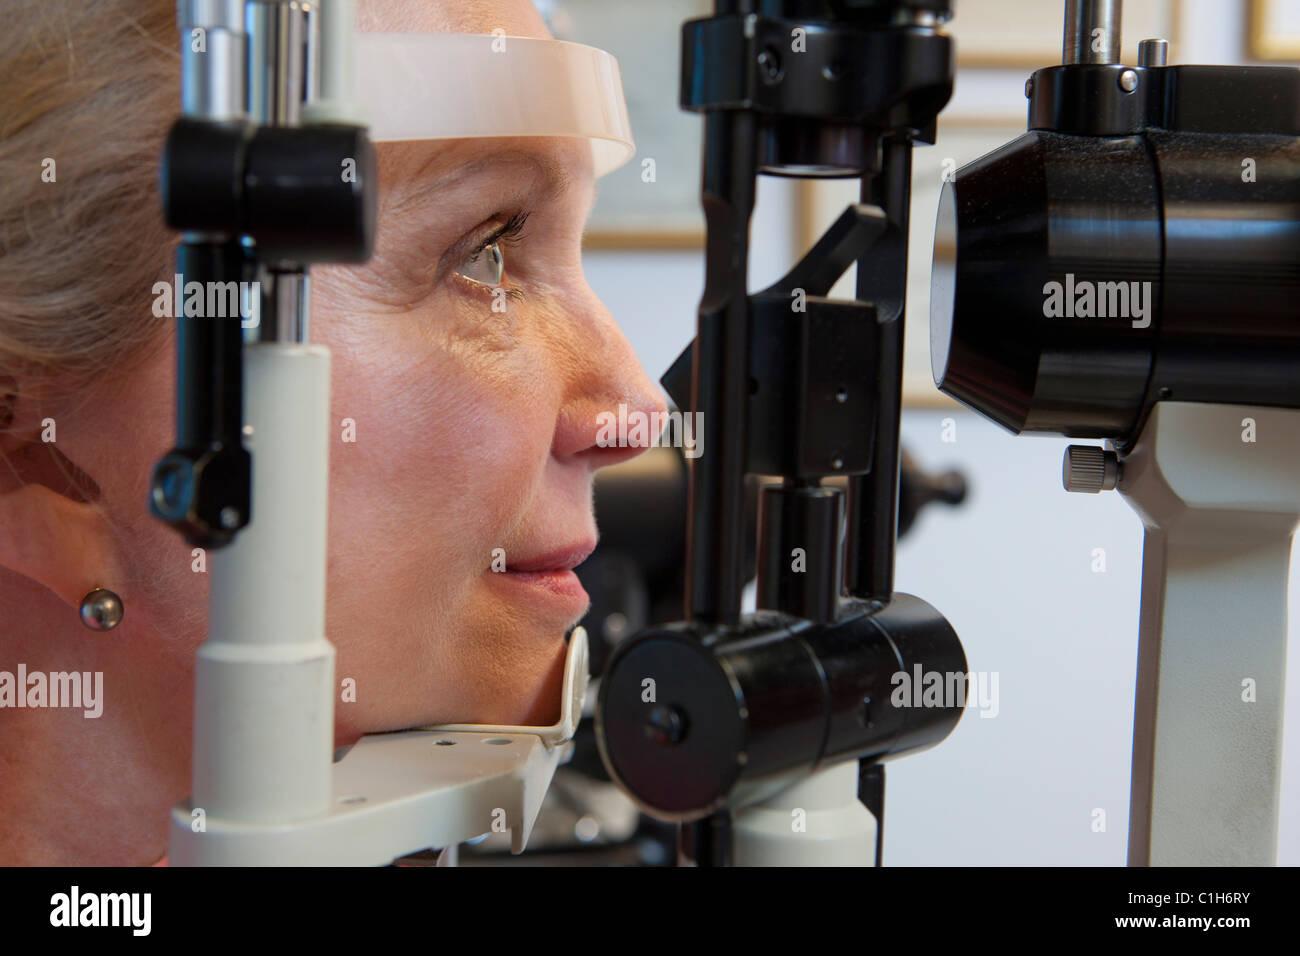 Donna getting occhio esame con lampada a fessura foto immagine